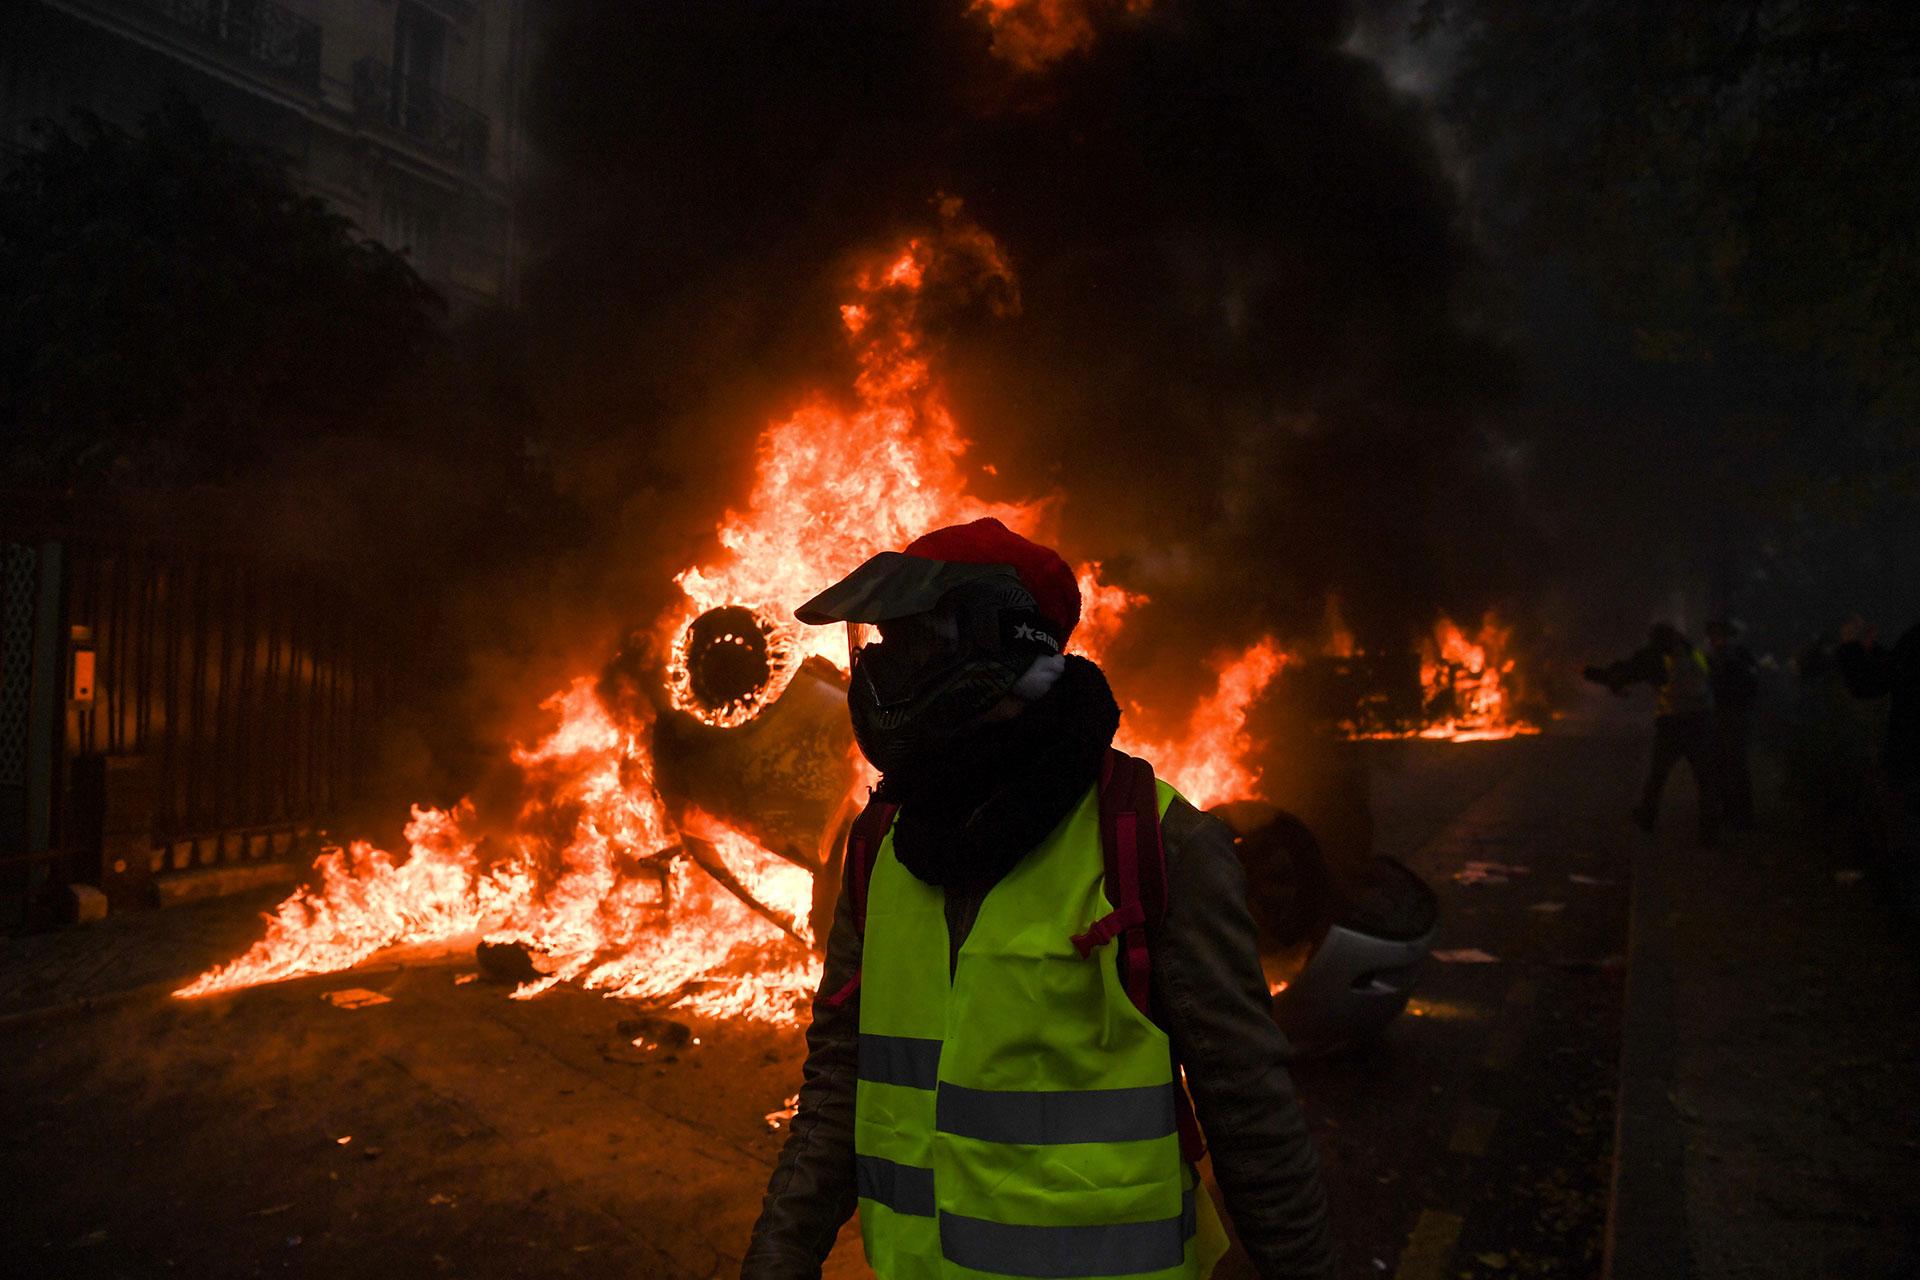 """""""Individuos equipados y determinados, desde muy temprano (…) actuaron de forma muy violenta. Las fuerzas de seguridad señalaron haber sufrido ataques de una violencia rara vez alcanzada"""", dijo el primer ministro desde la prefectura de policía de París (AFP)"""